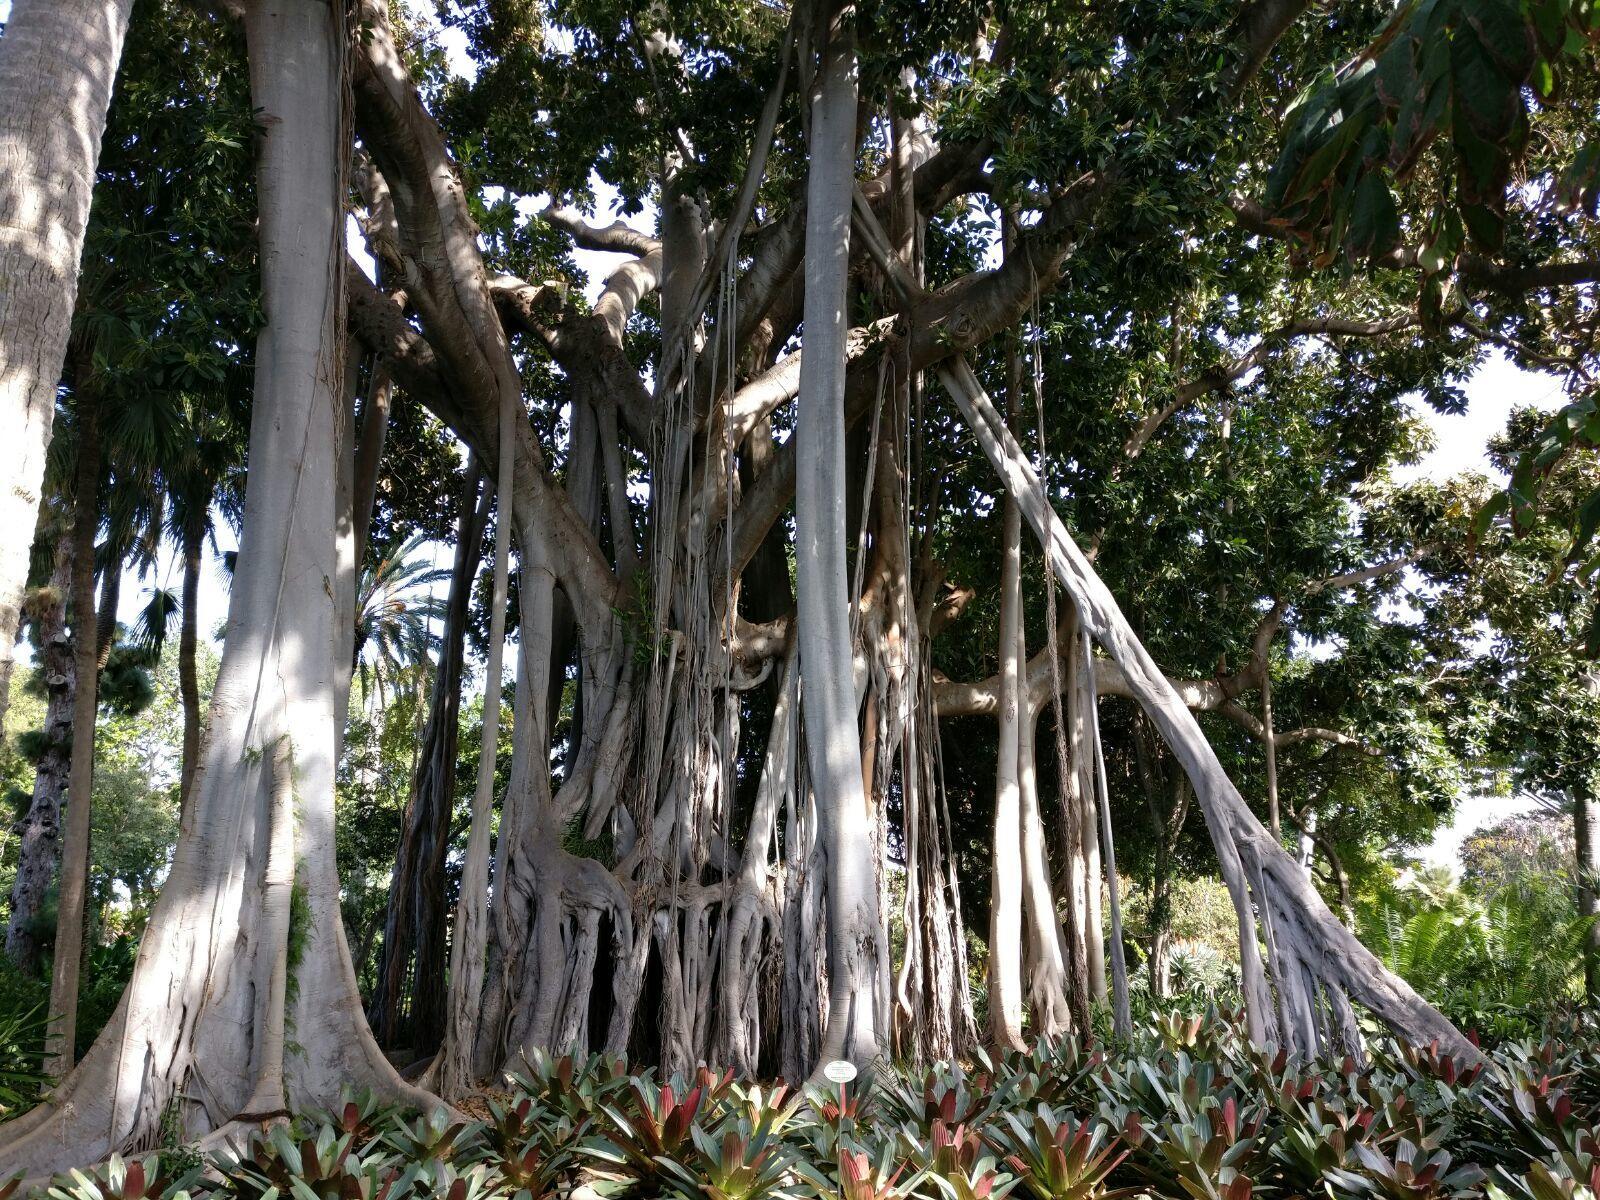 Würgefeigenbaum in Botanischer Garten